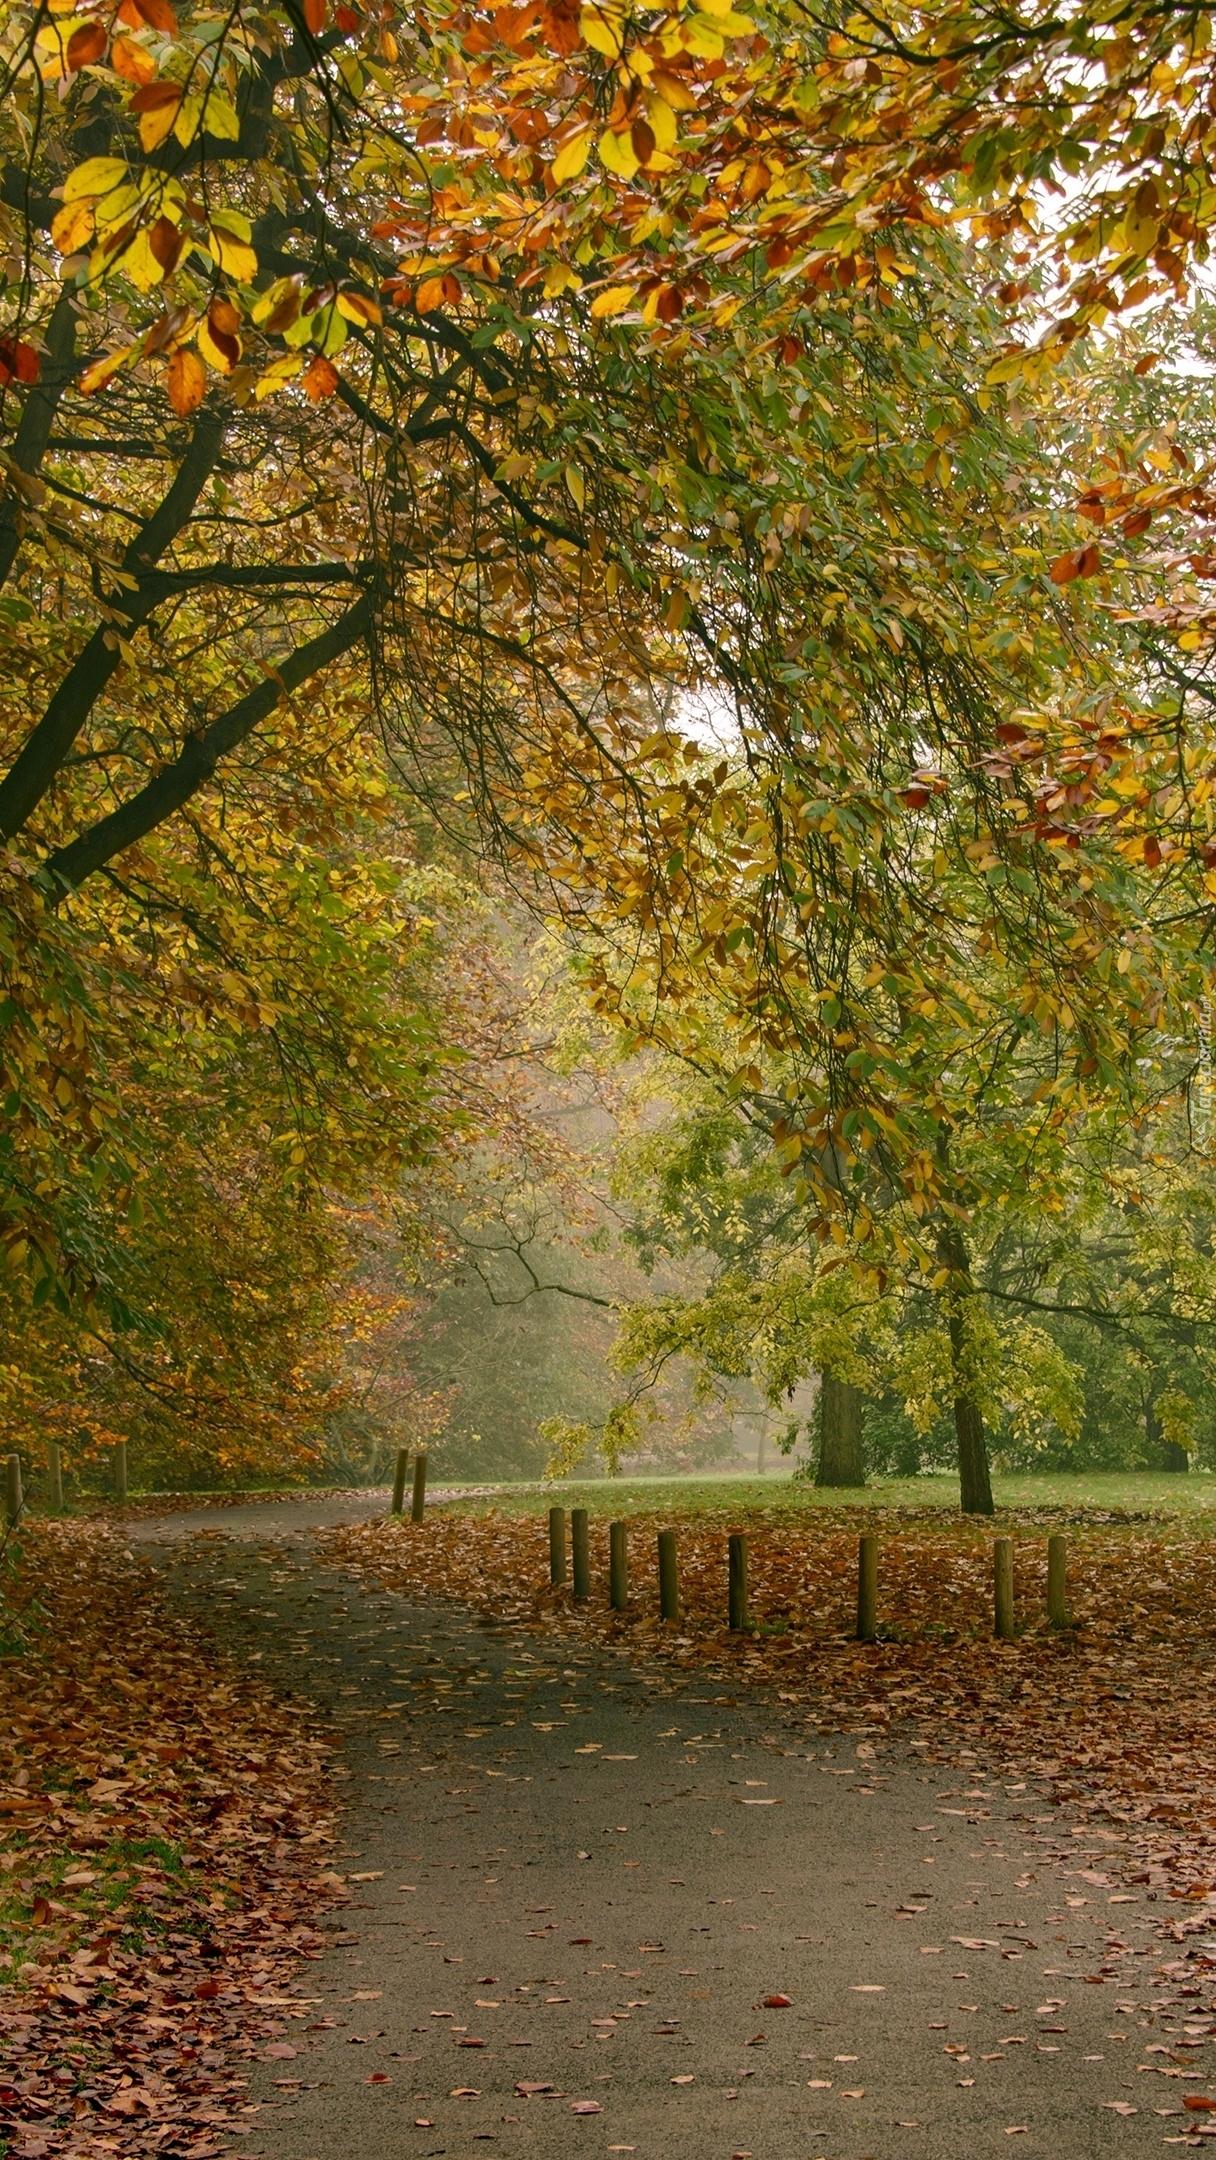 Jesienna alejka w parku